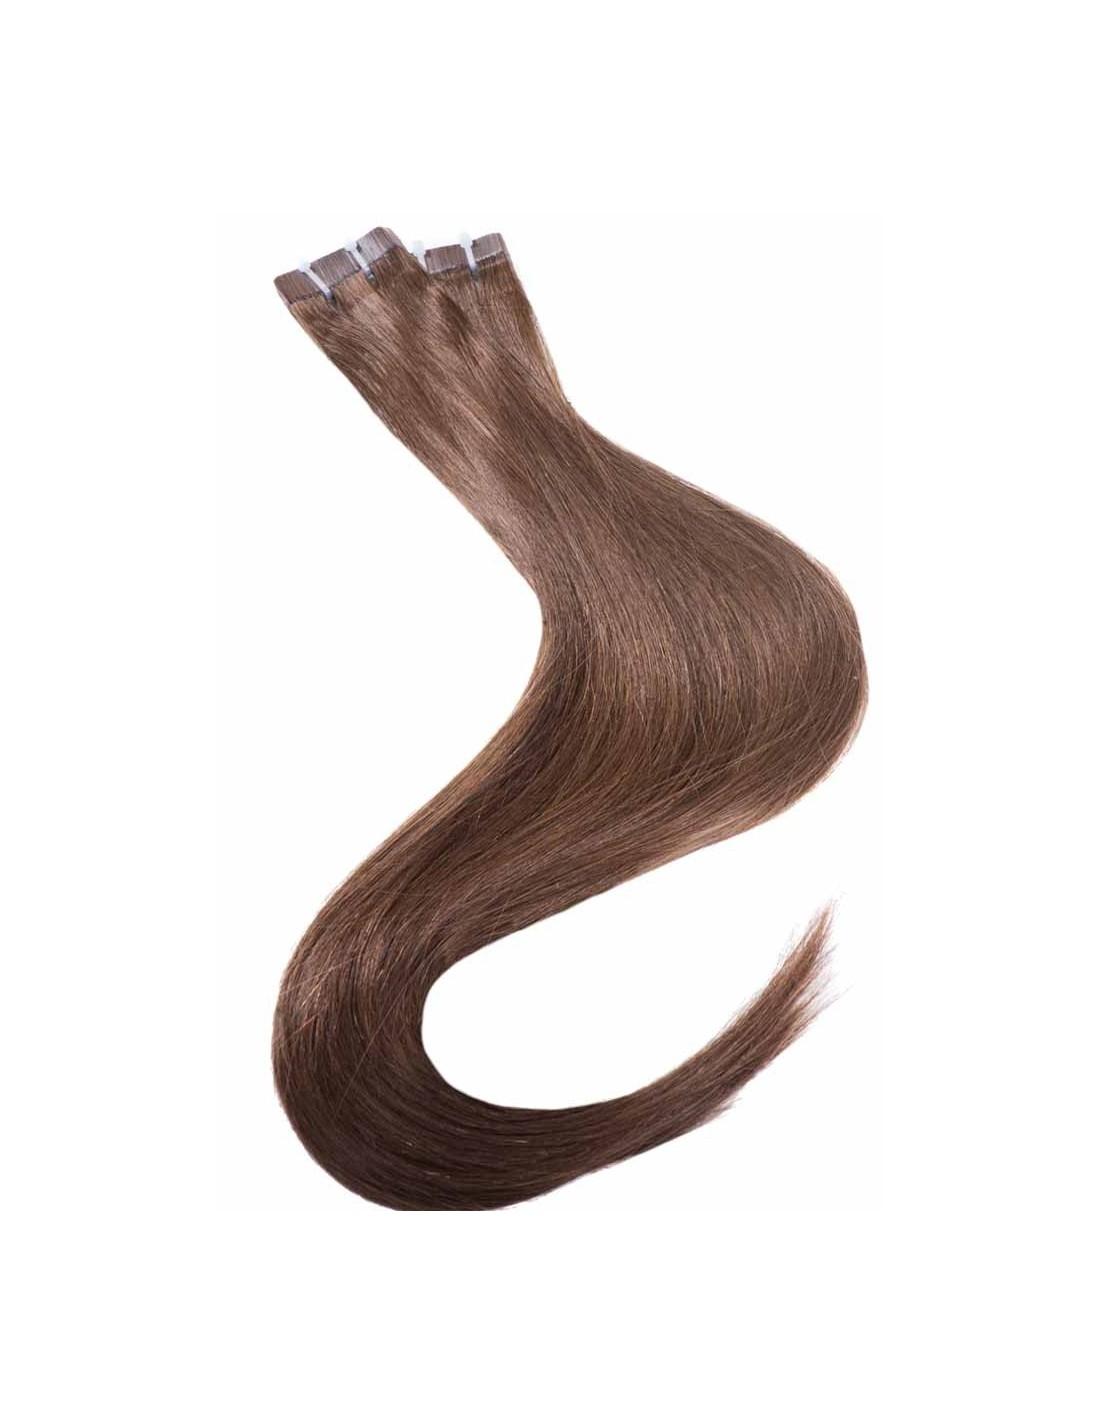 extension bande adh sive livraison gratuite extens hair. Black Bedroom Furniture Sets. Home Design Ideas